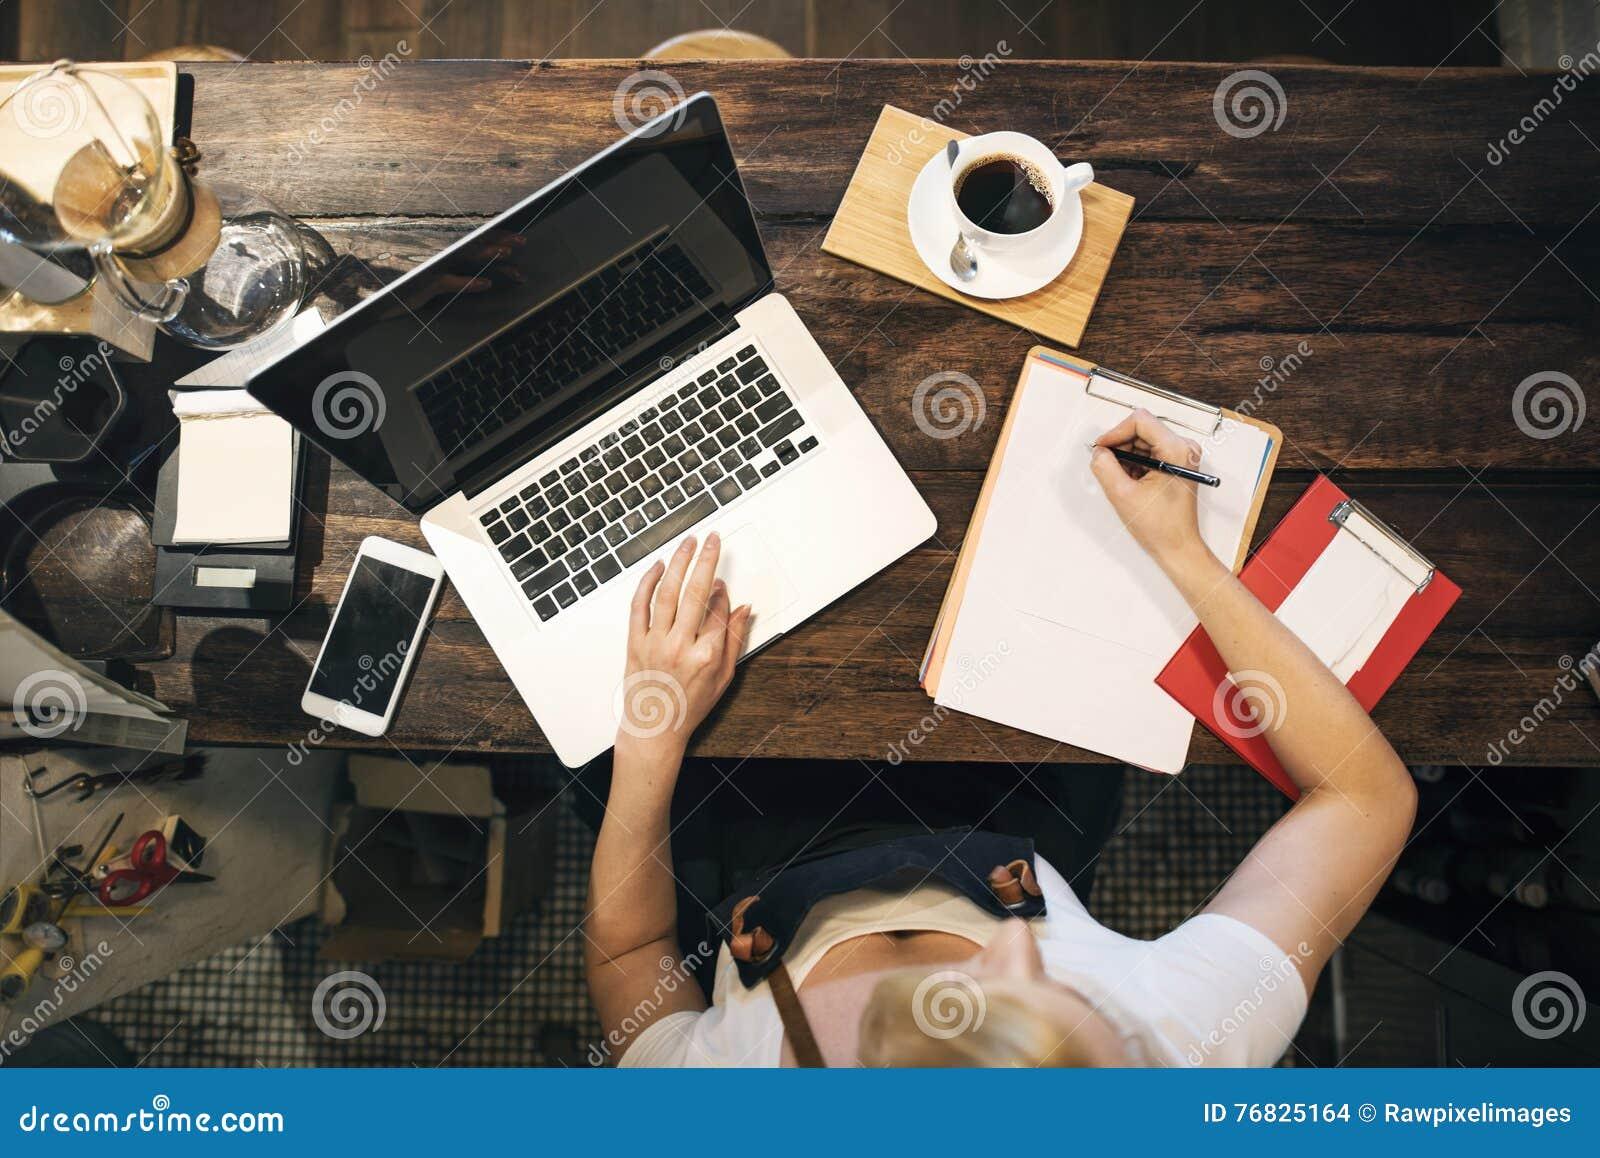 Concepto de trabajo del dueño del ordenador portátil del café del café que ordena